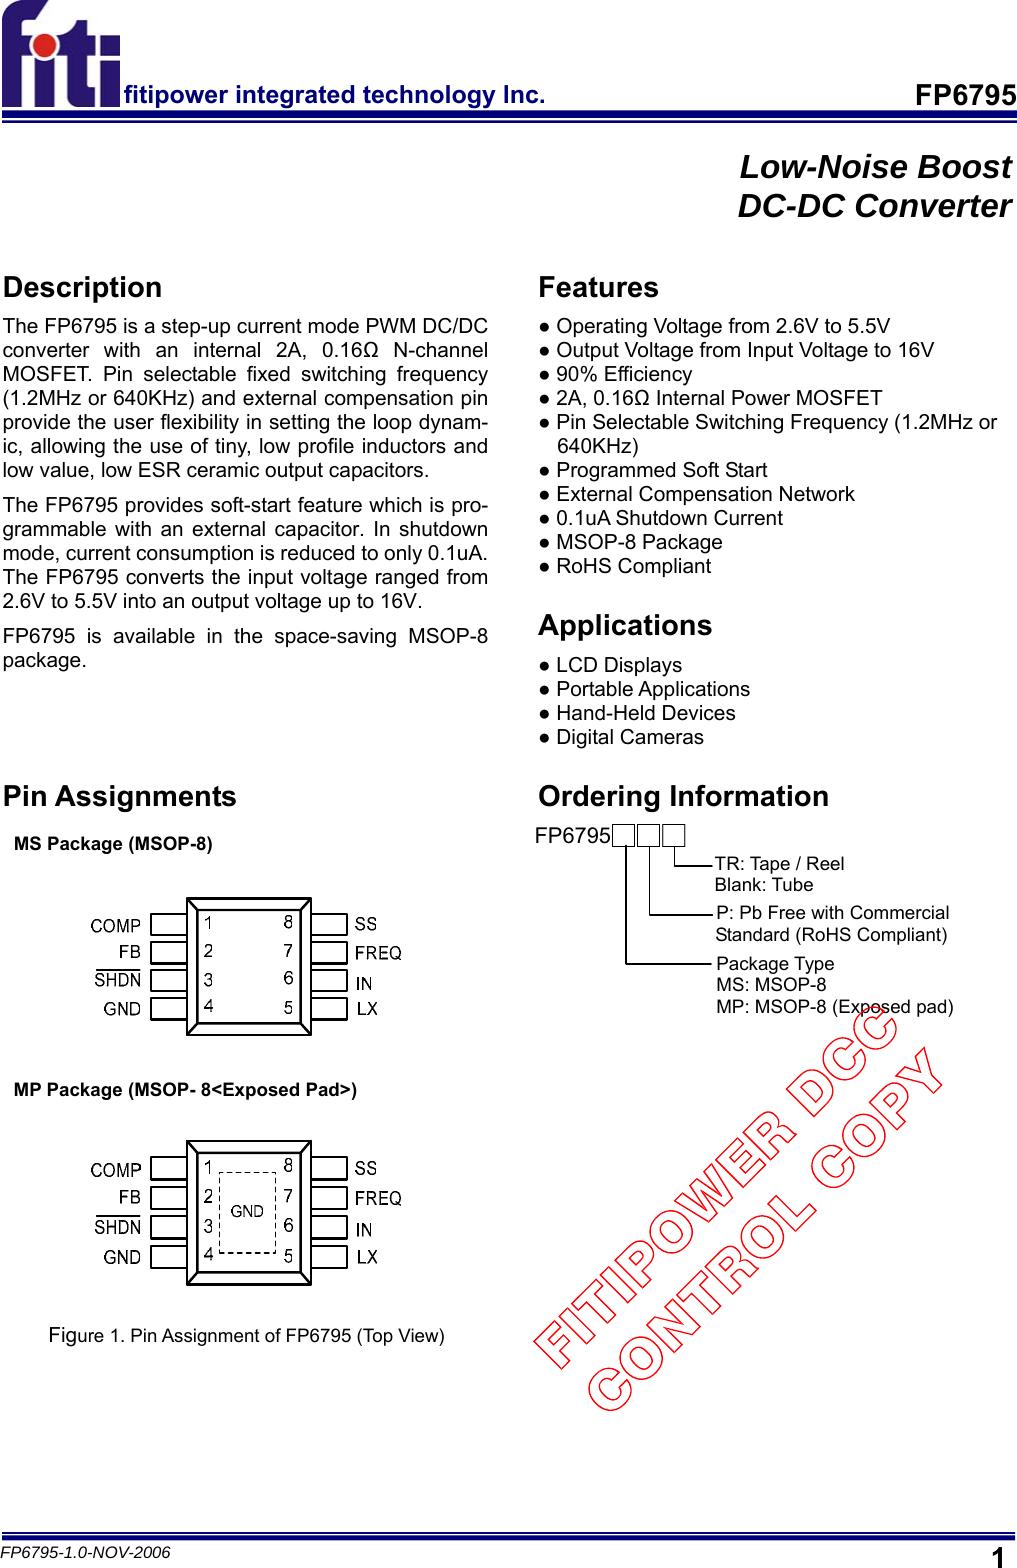 FP6795 Datasheet  Www s manuals com  Fiti